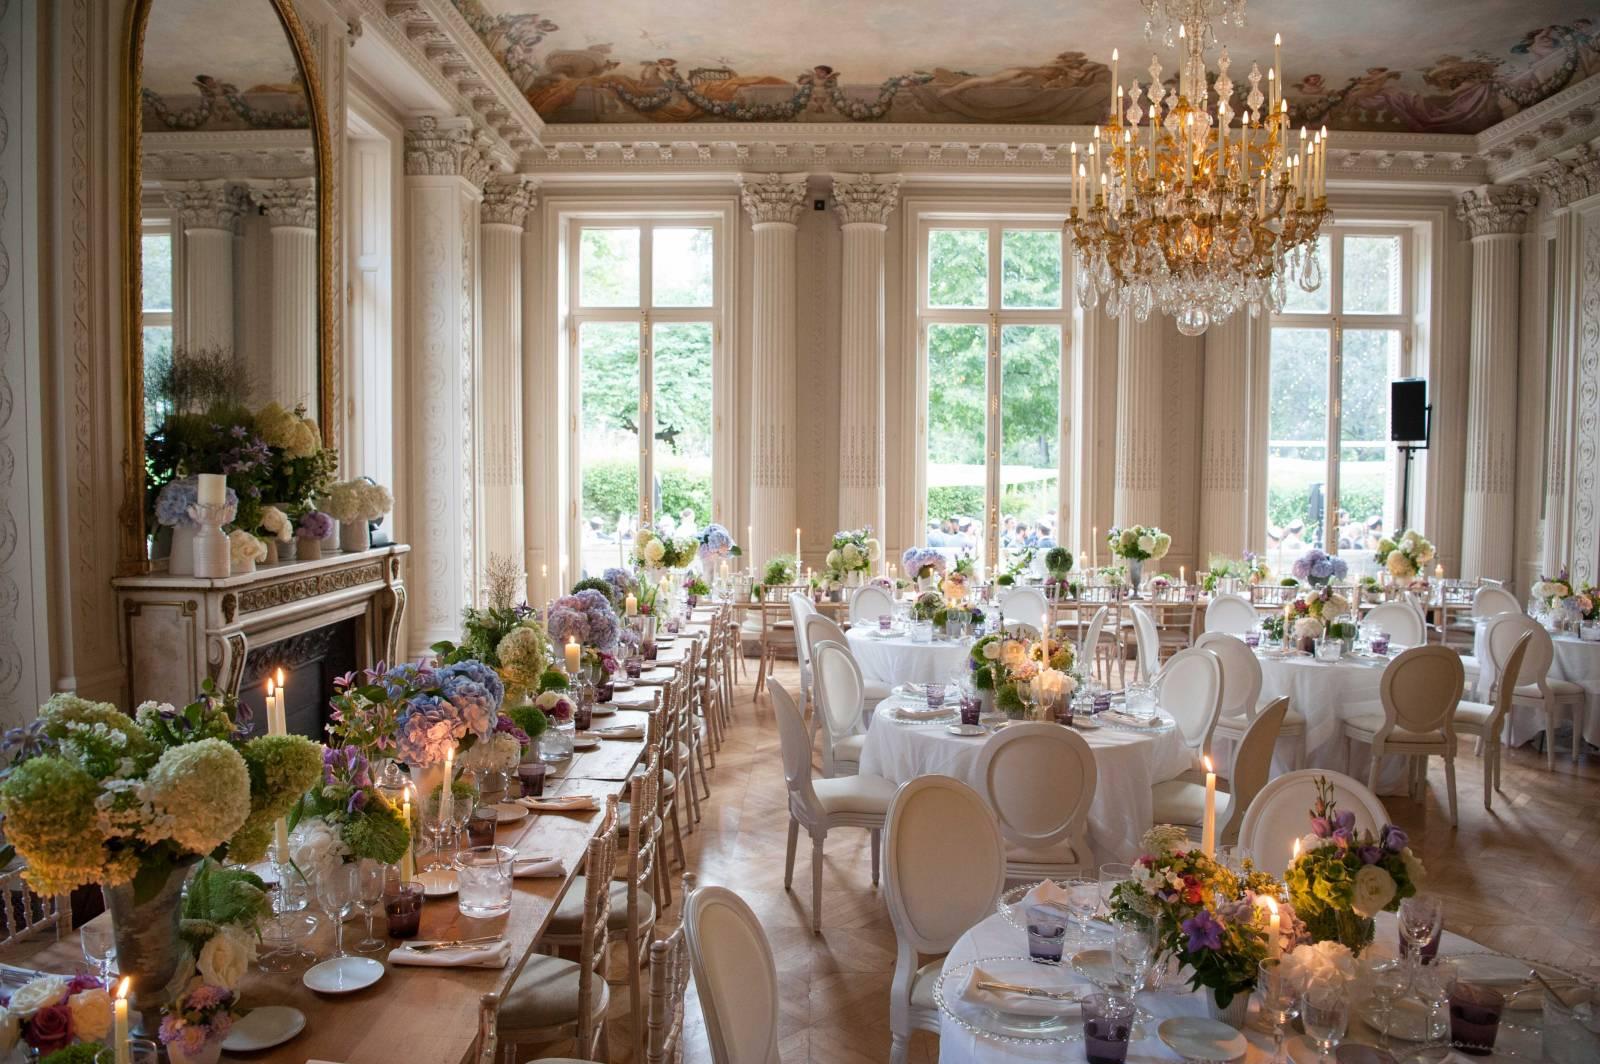 wedding planner paris organisation de mariage sur mesure mariage dans l 39 air. Black Bedroom Furniture Sets. Home Design Ideas